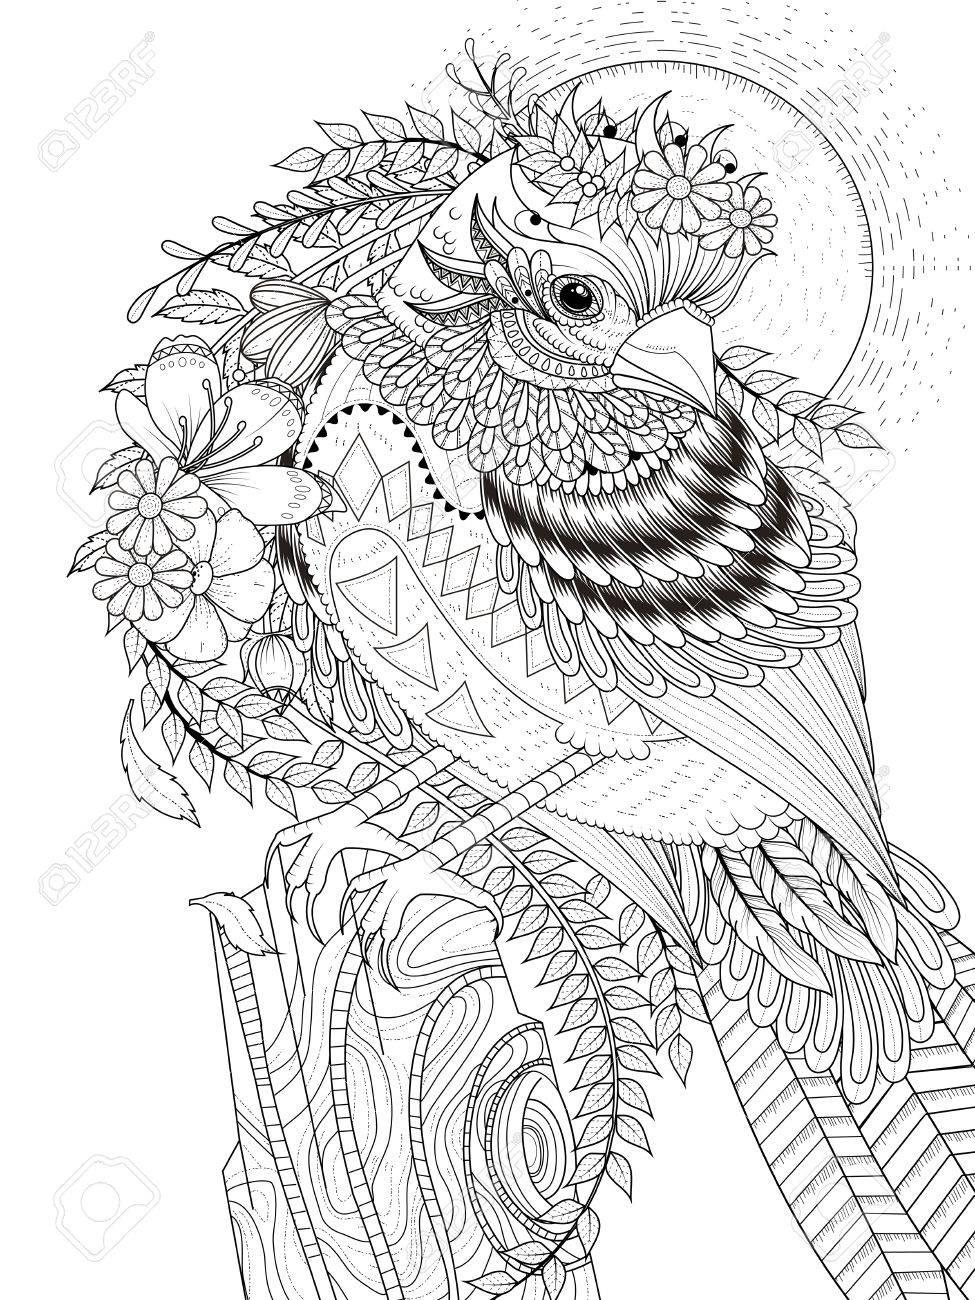 大人ぬりえページ 花の美しいスズメのイラスト素材ベクタ Image